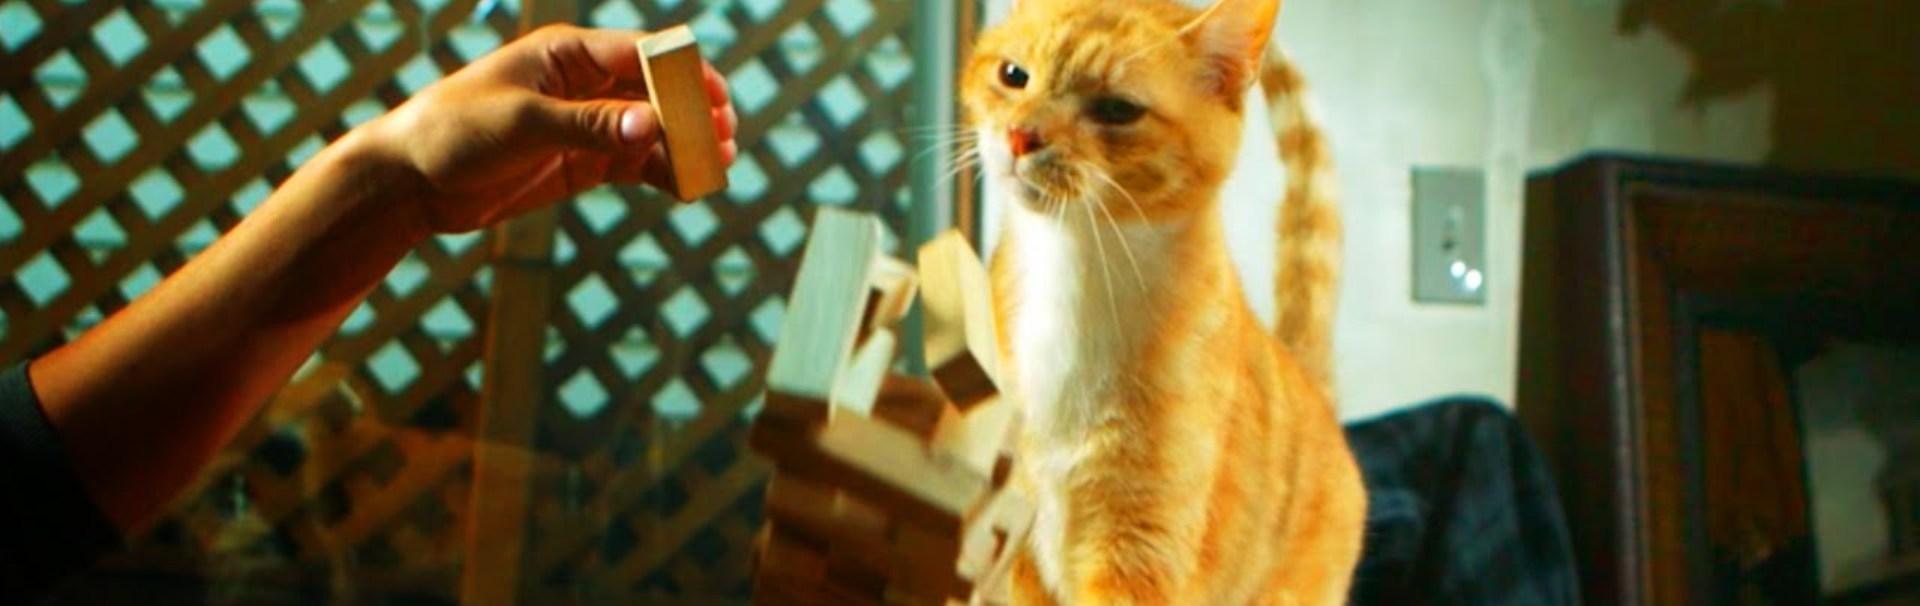 De ce trântesc pisicile obiectele de pe masă?